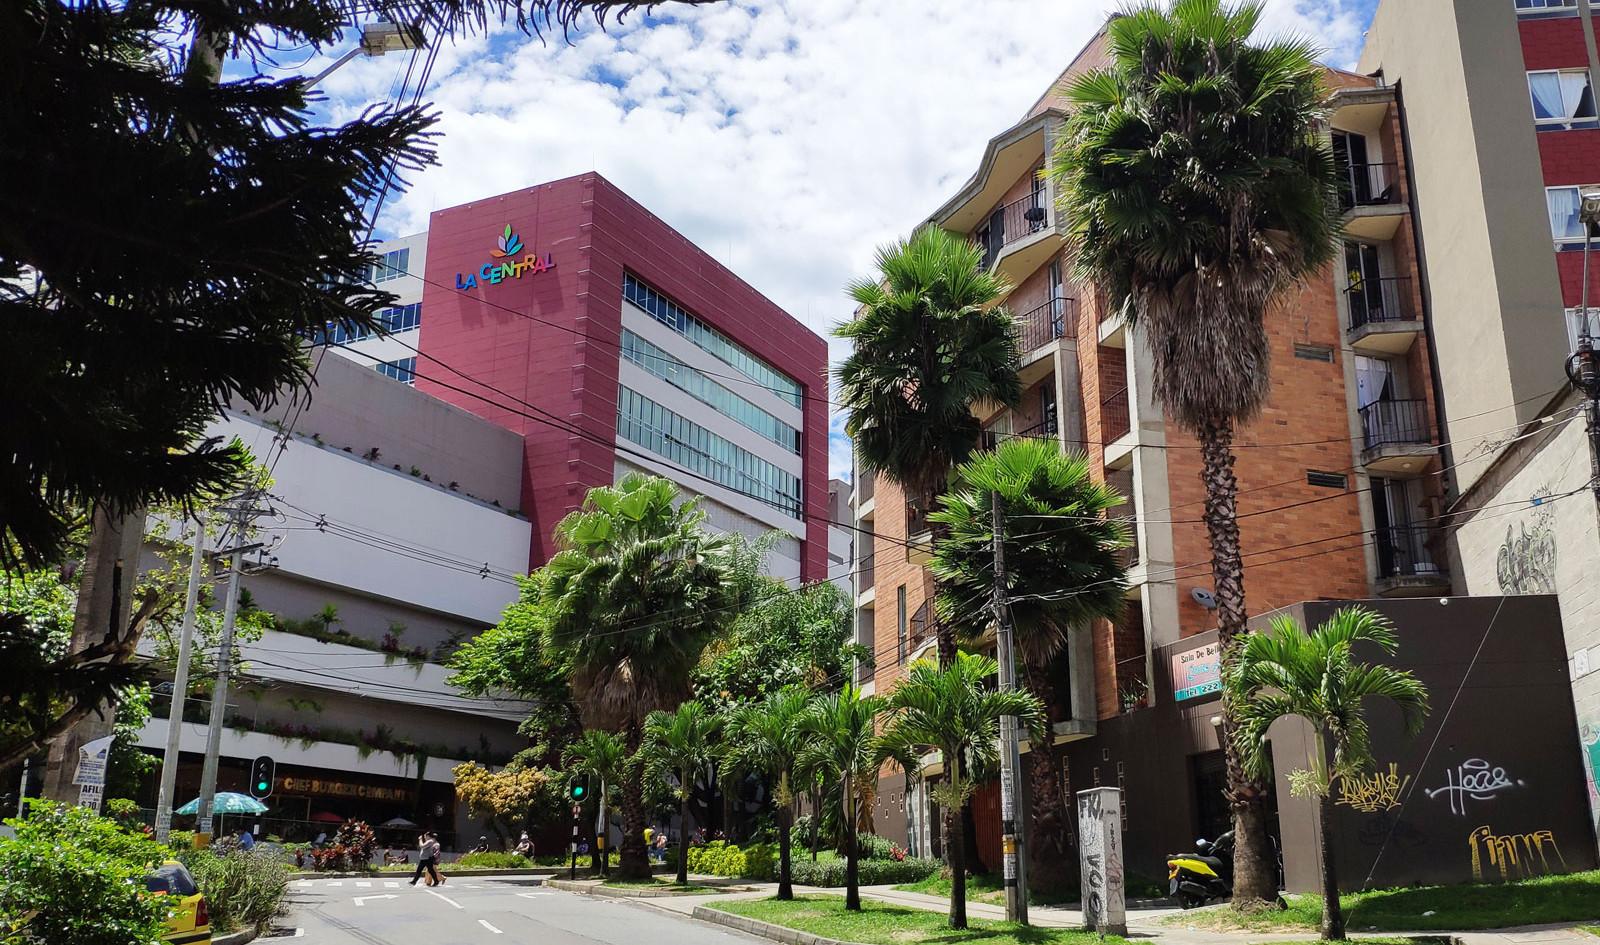 Vista lateral Centro Comercial La Central